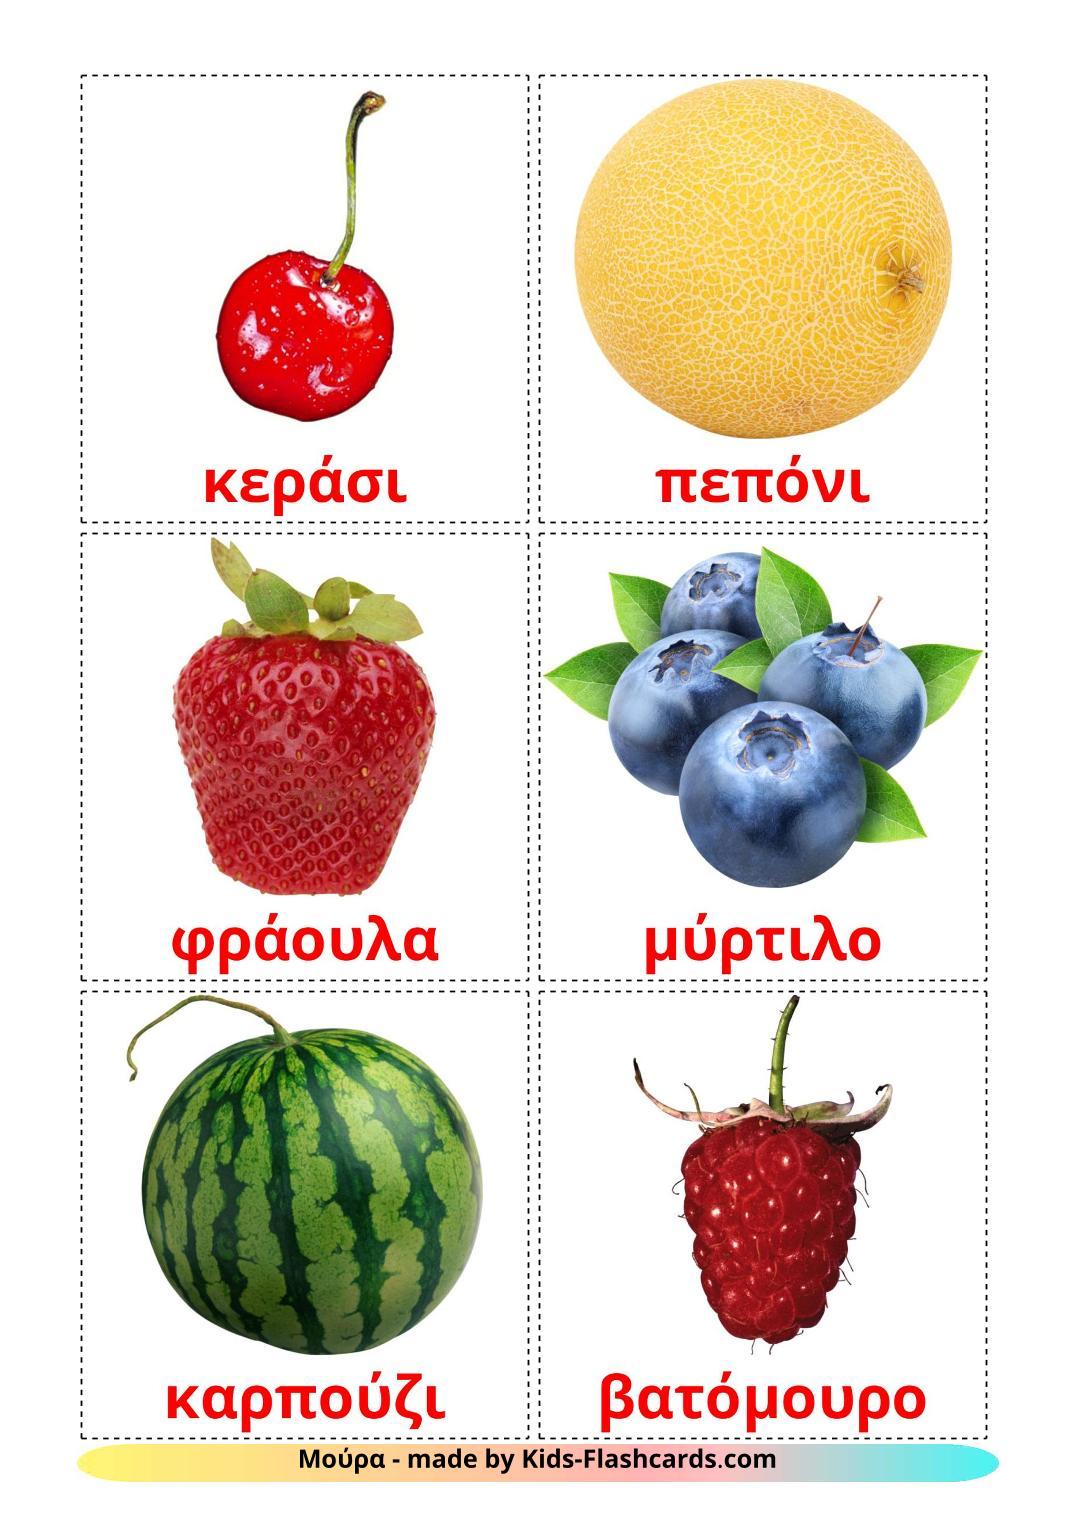 Berries - 11 Free Printable greek Flashcards